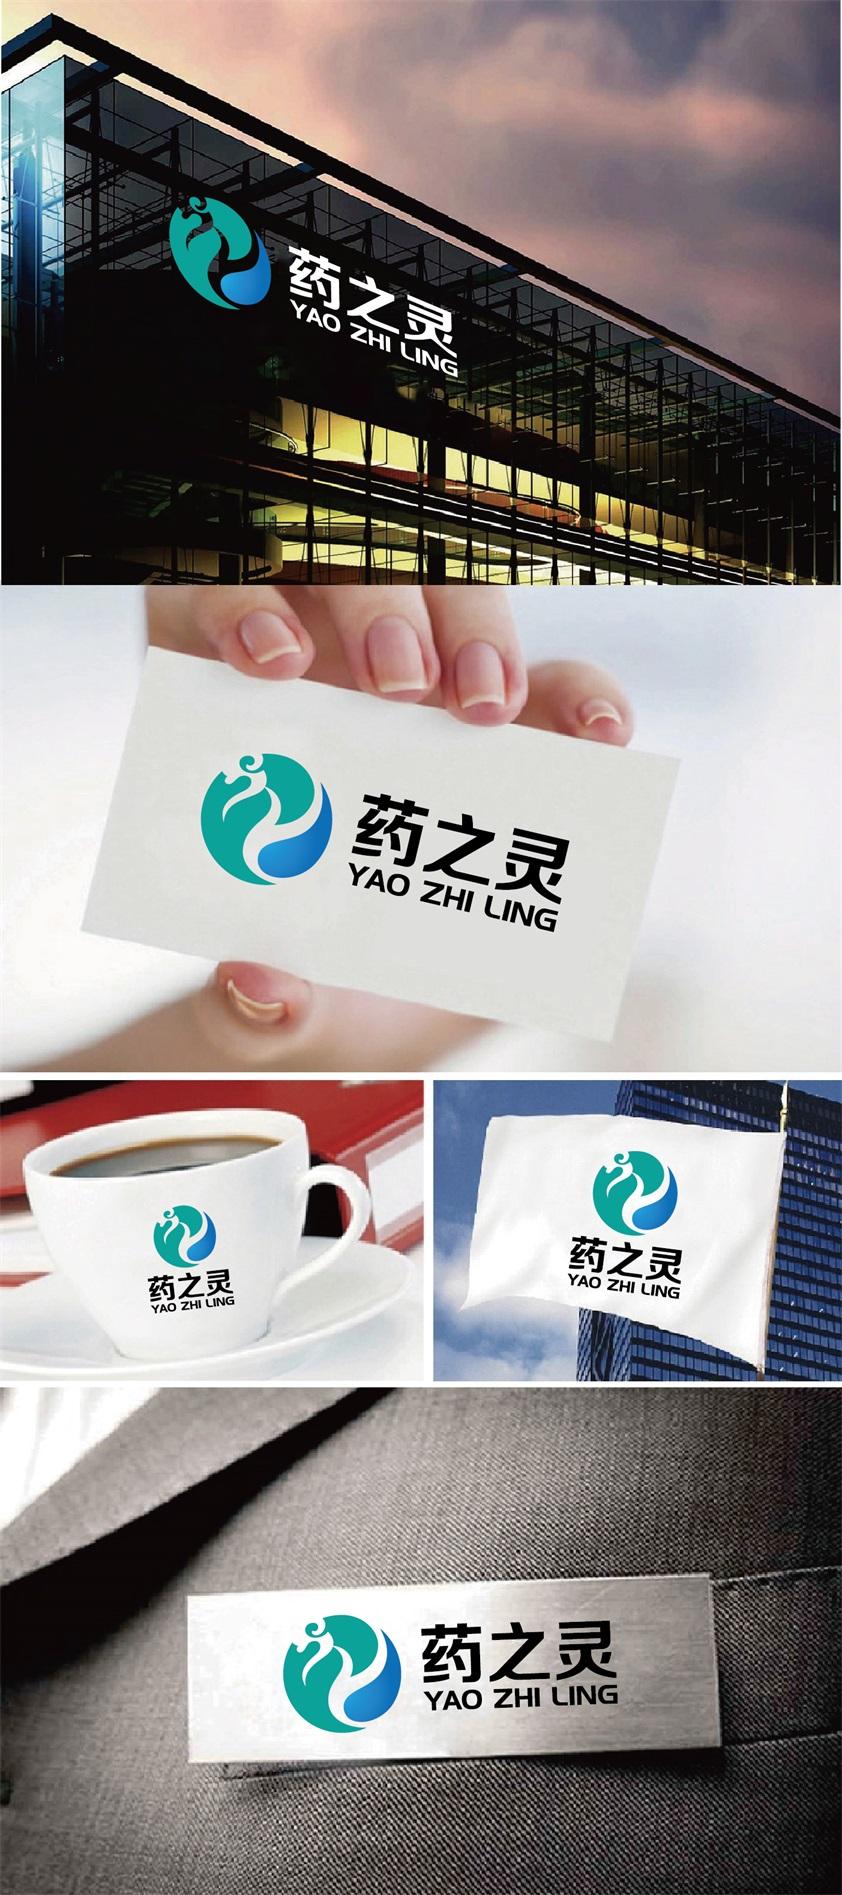 急稿  公司logo 药之灵医药有限公司_3027248_k68威客网